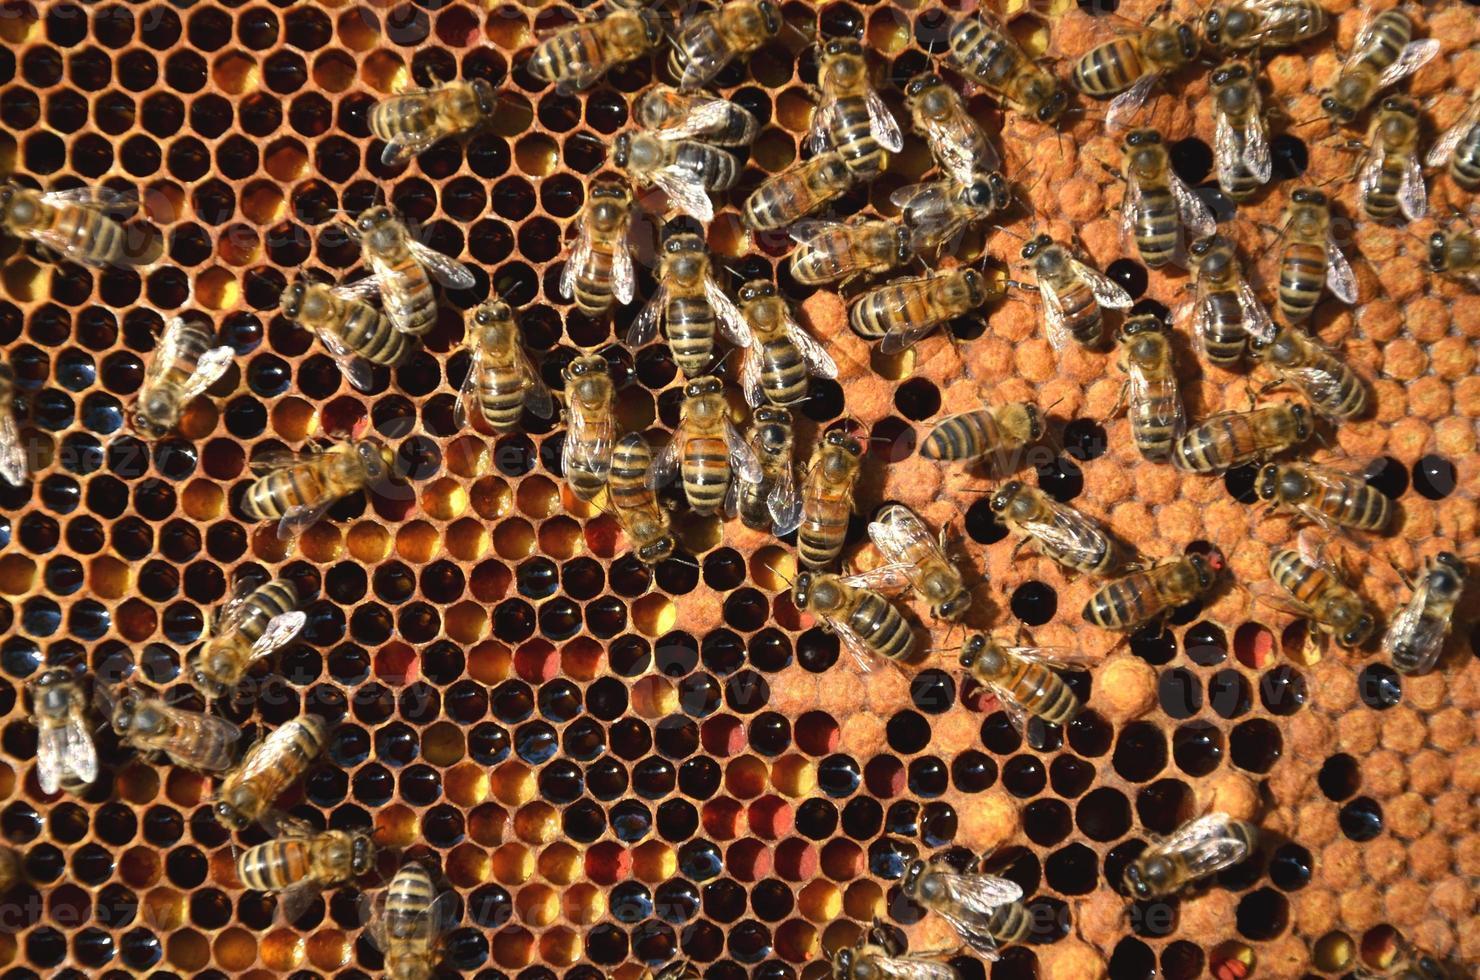 abeilles travailleuses sur nid d'abeille photo